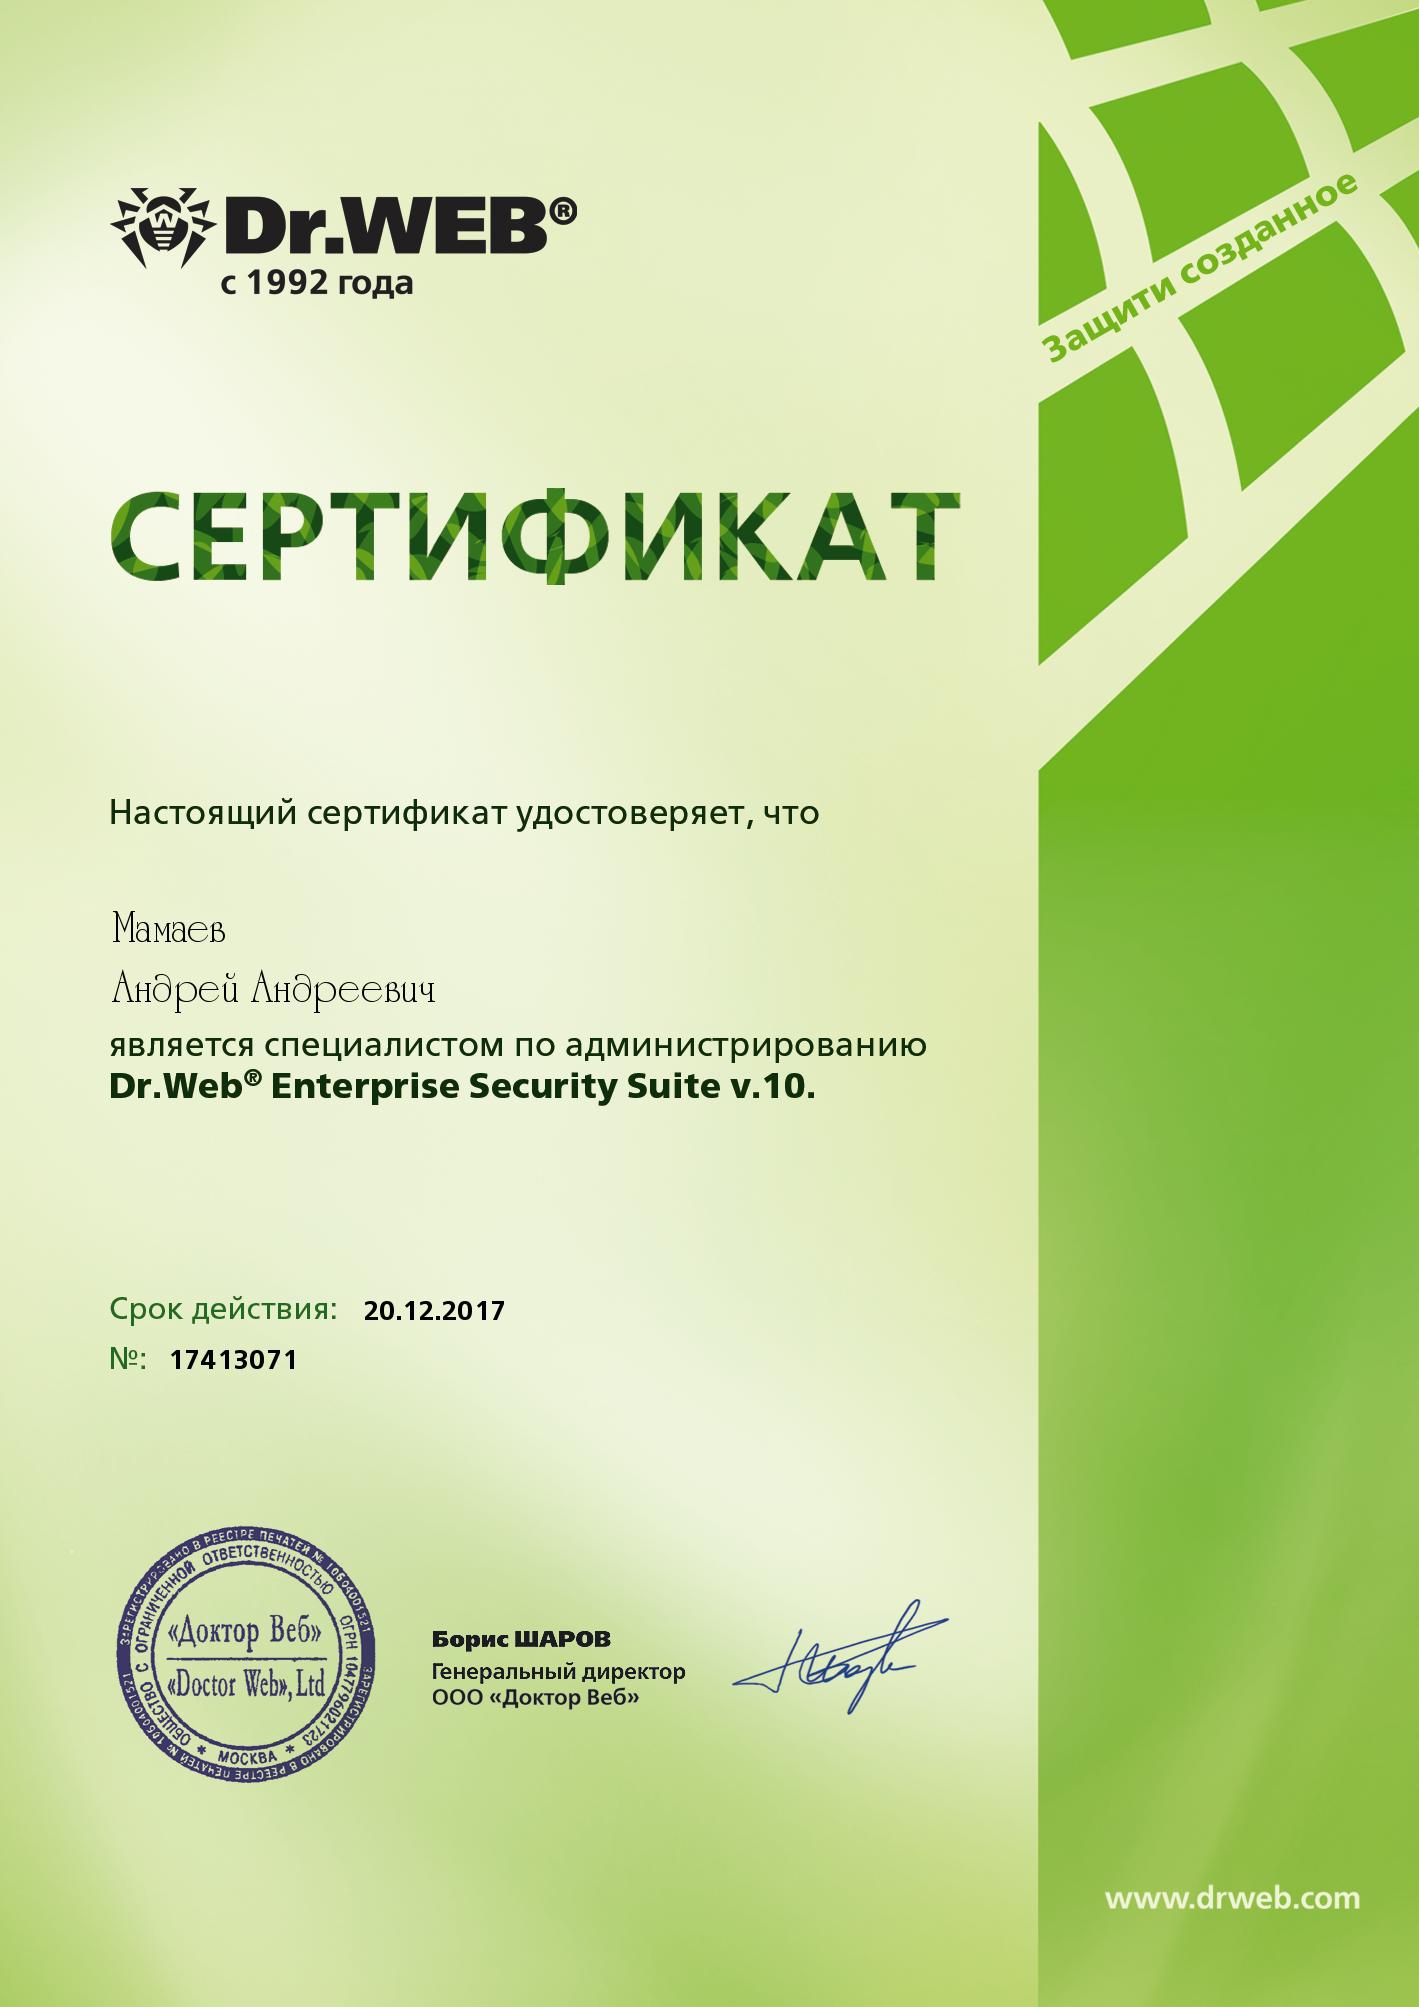 (DWCERT-002) Специалист по администрированию Dr.Web ESS v.10 (Мамаев) 20.12.2017